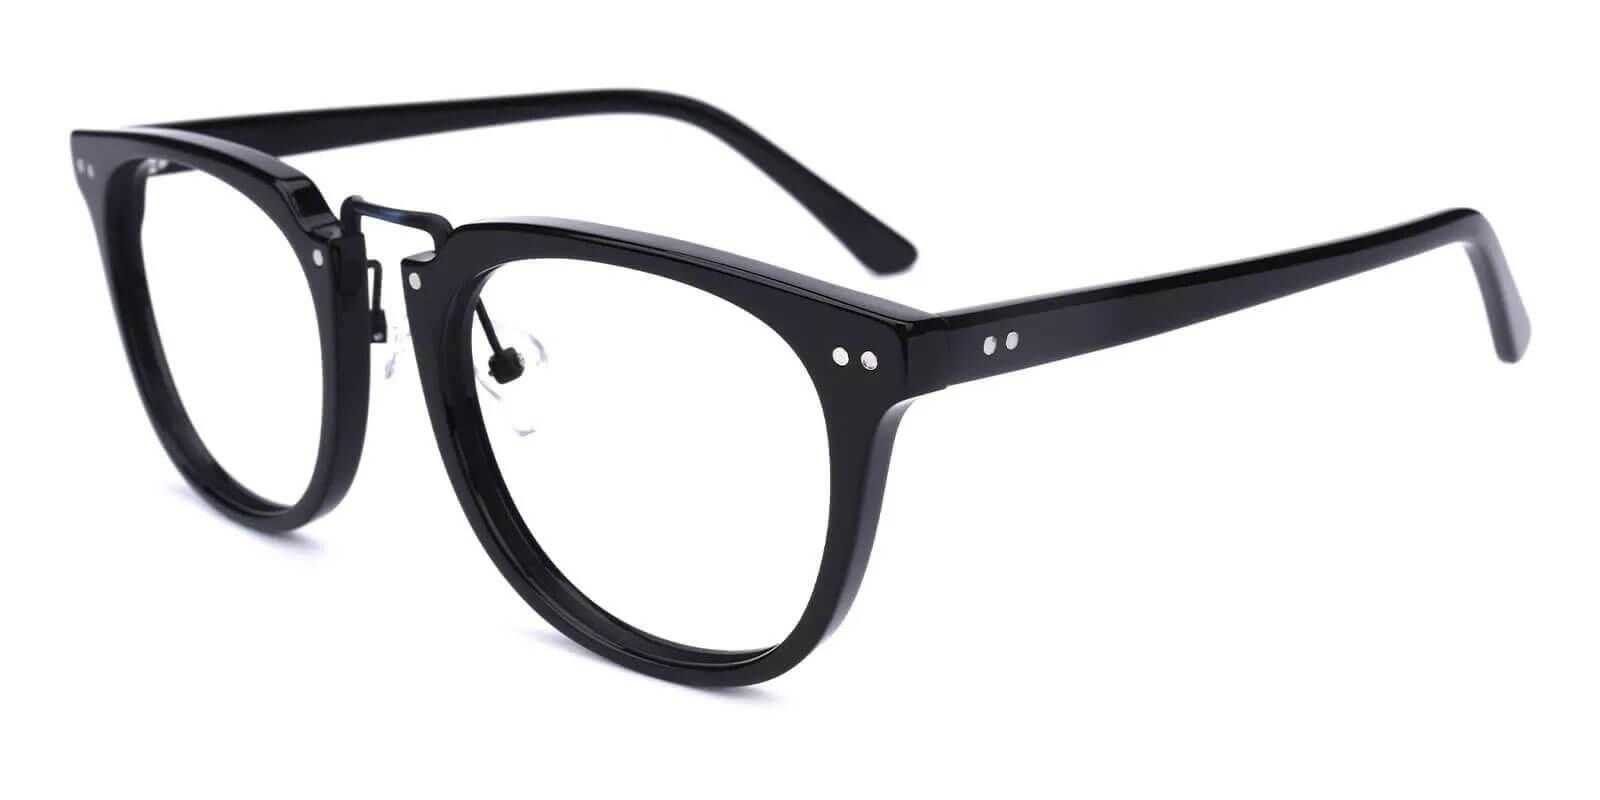 Latrobe Black Acetate Eyeglasses , NosePads Frames from ABBE Glasses